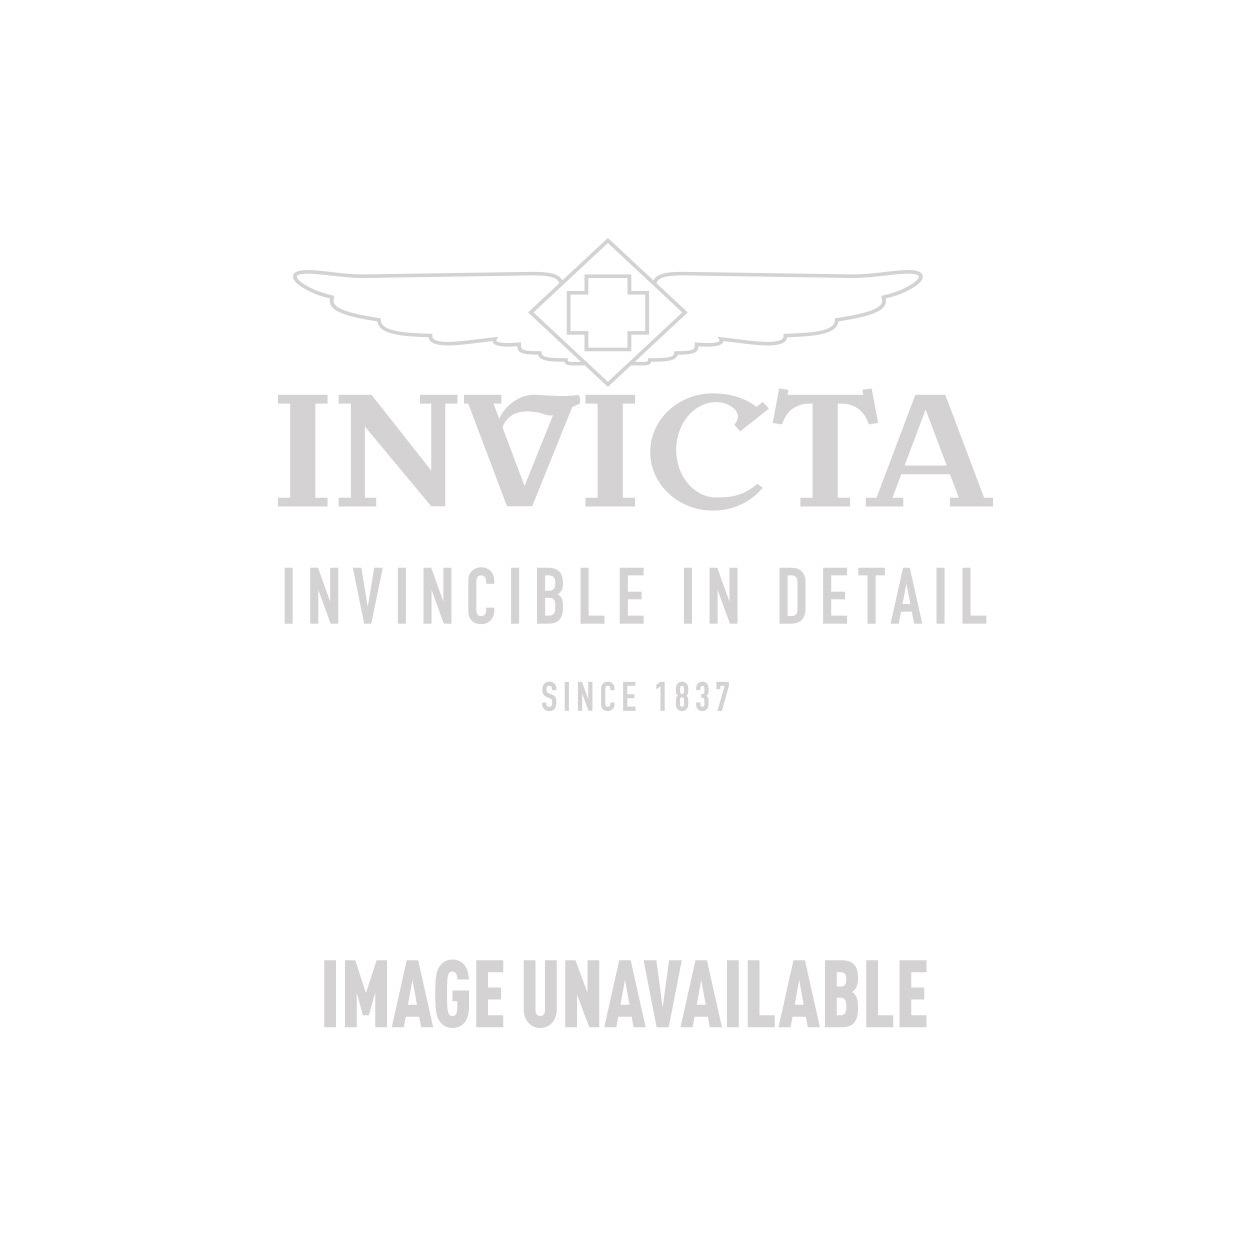 Invicta Model 26915